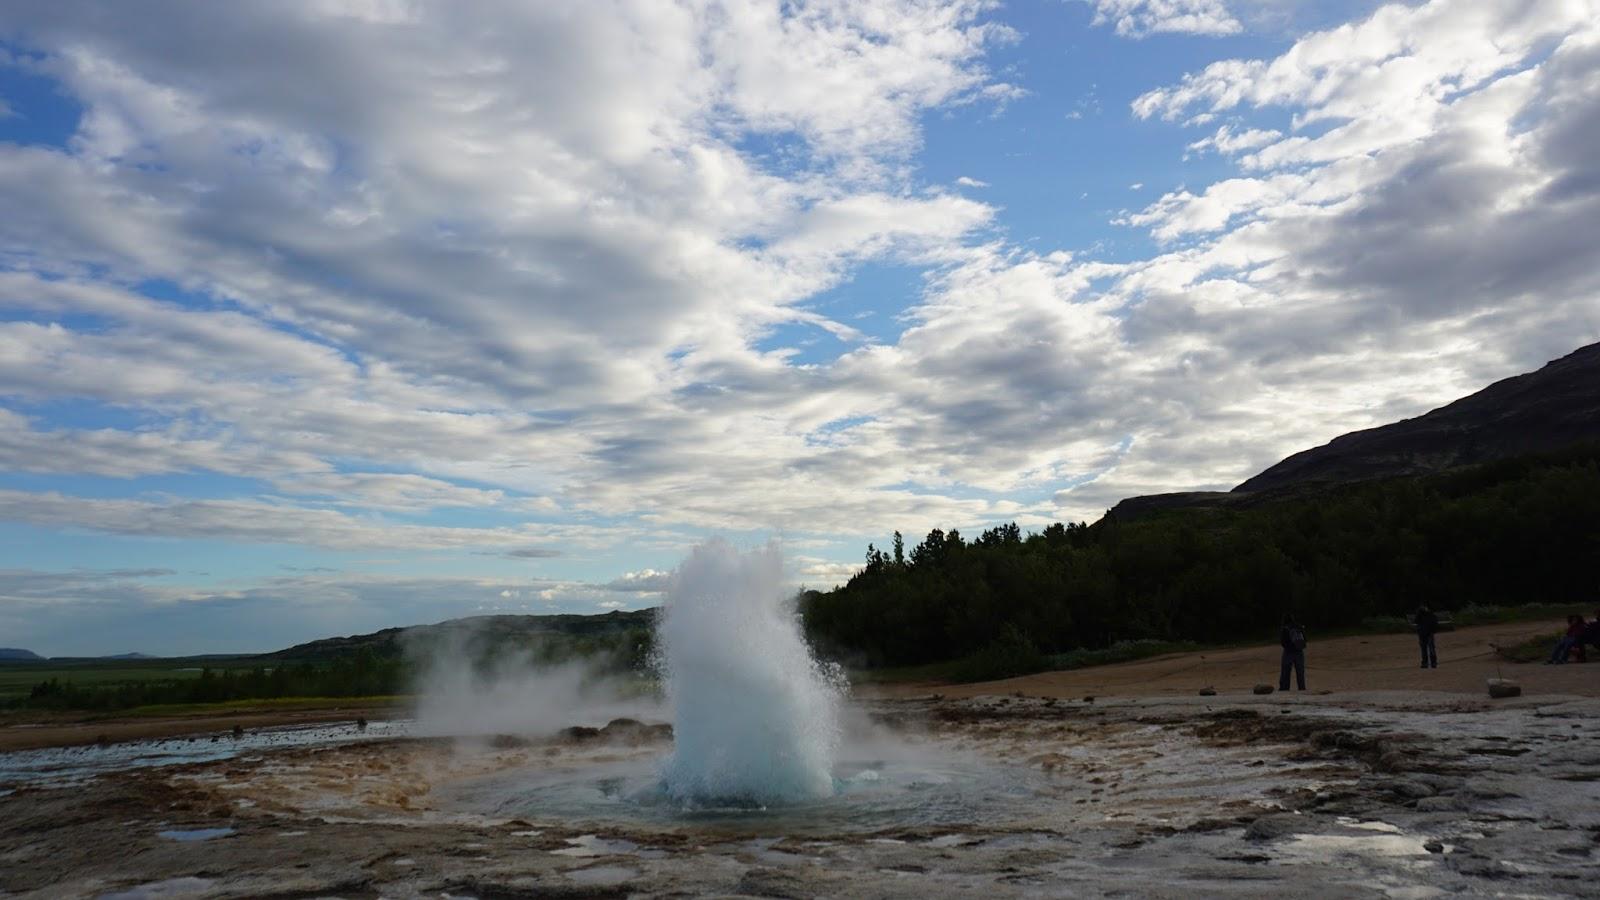 islandzki gejzer, gejzer, atrakcje Islandii, południowa Islandia, Golden Circle